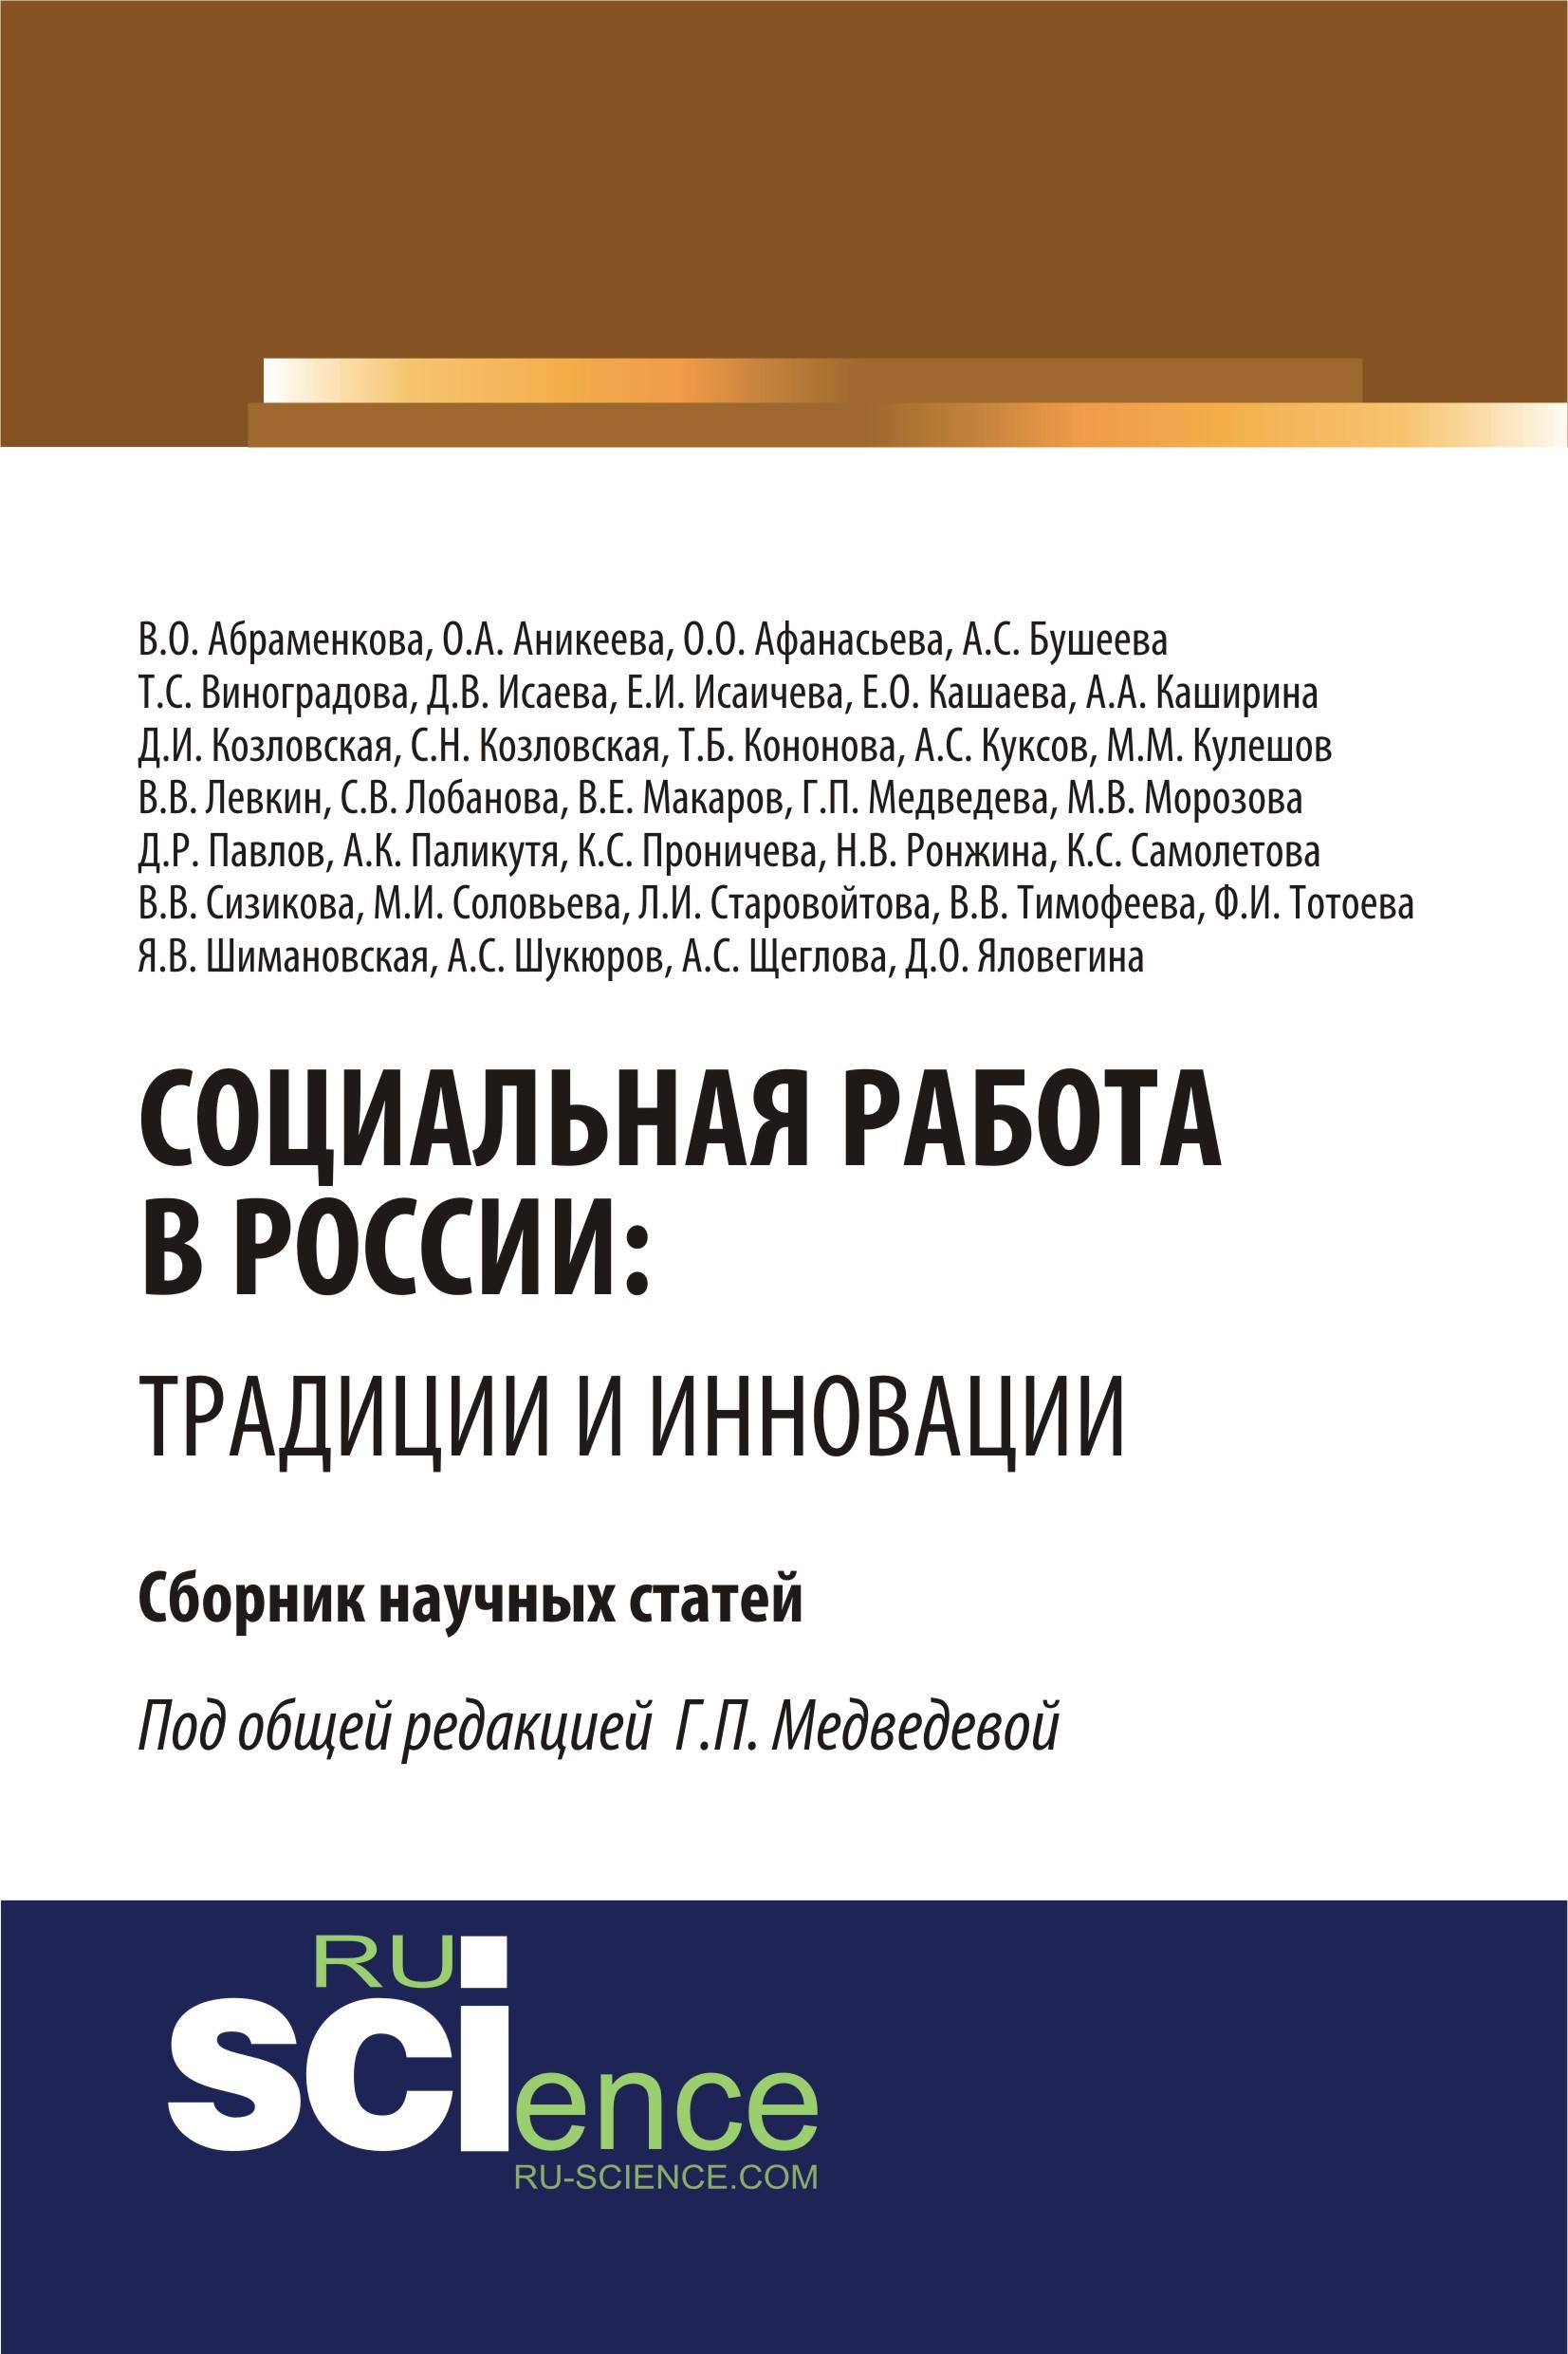 Сборник статей Социальная работа в России: традиции и инновации